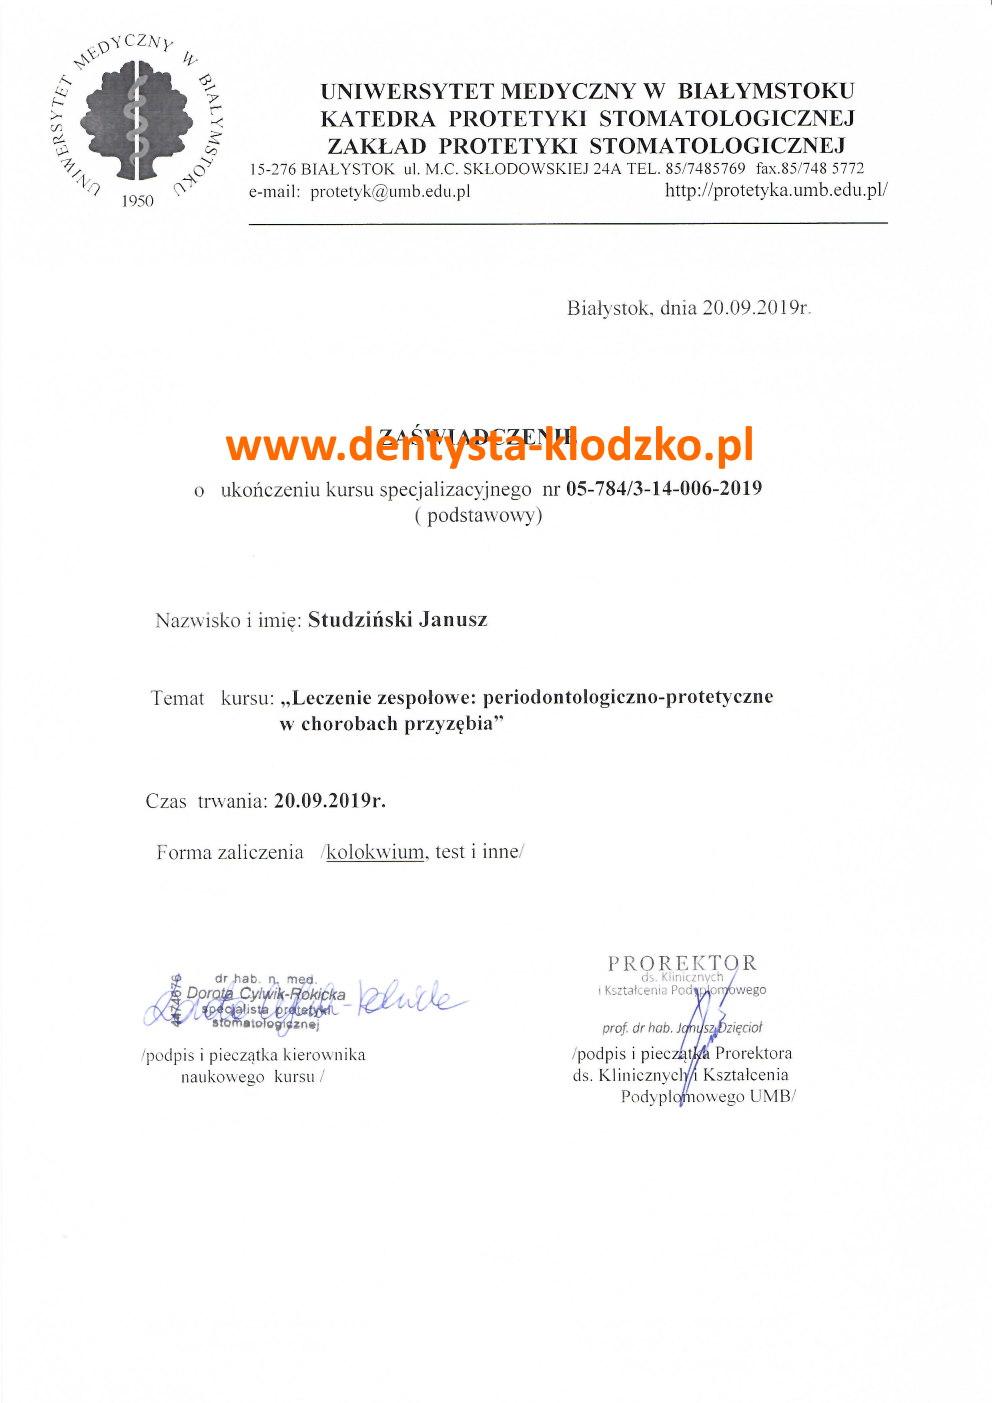 szkolenie-parodontoza-dentysta-klodzko